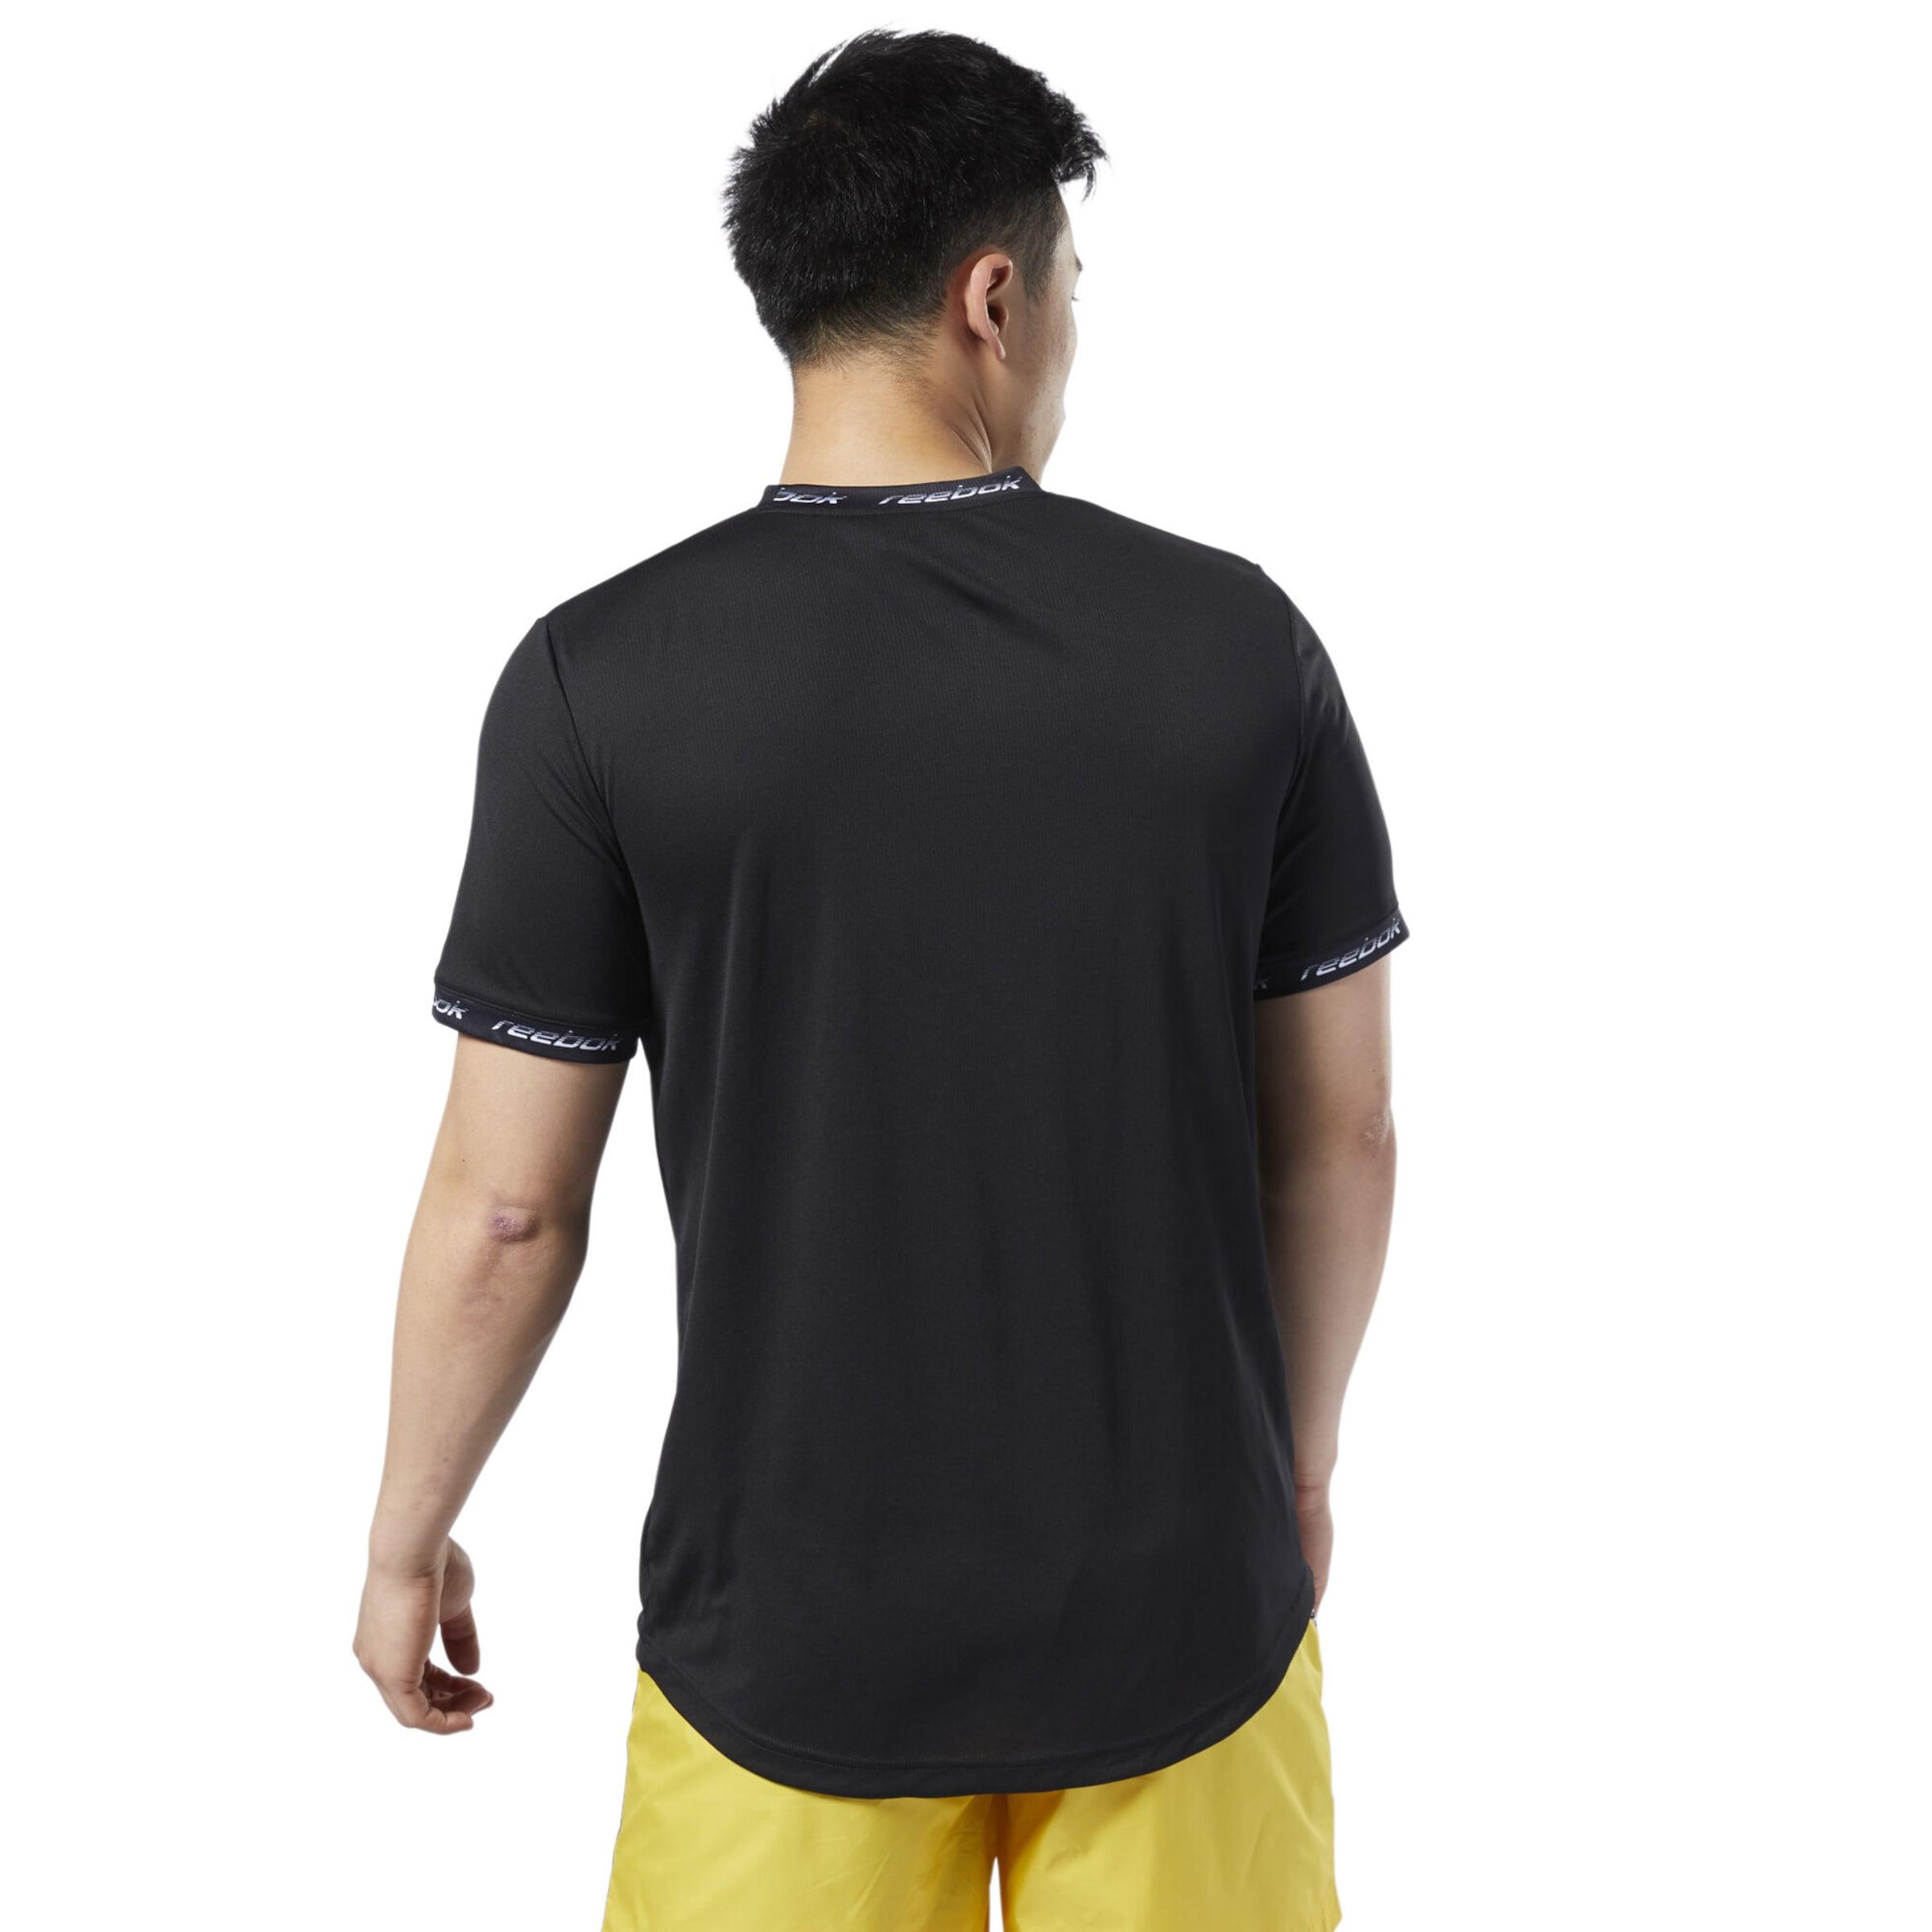 Schwarz T shirt Classic Reebok In iZOXuPk